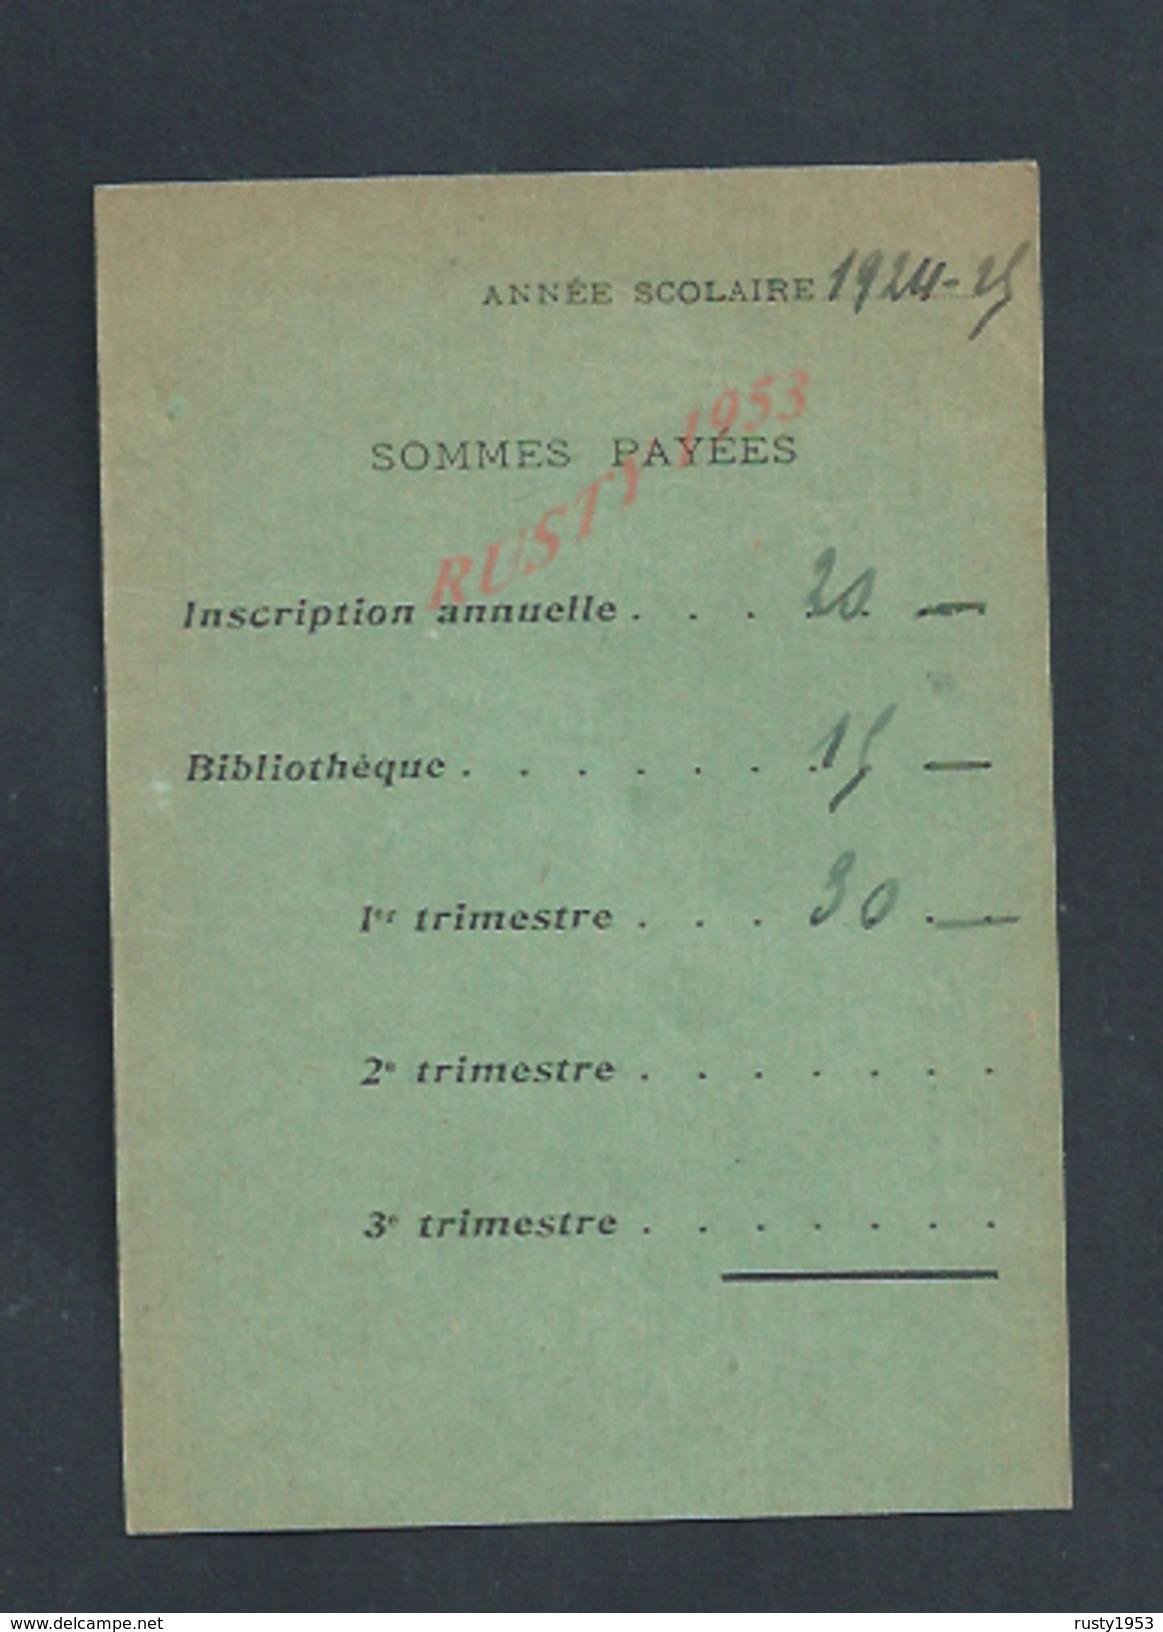 CARTE D ÉTUDIANT COLLÈGE DE GUILDE PARIS RUE DE LA SORBONNE Mlle DESBOIS :ANNÉE 1924/25 : - Cartes